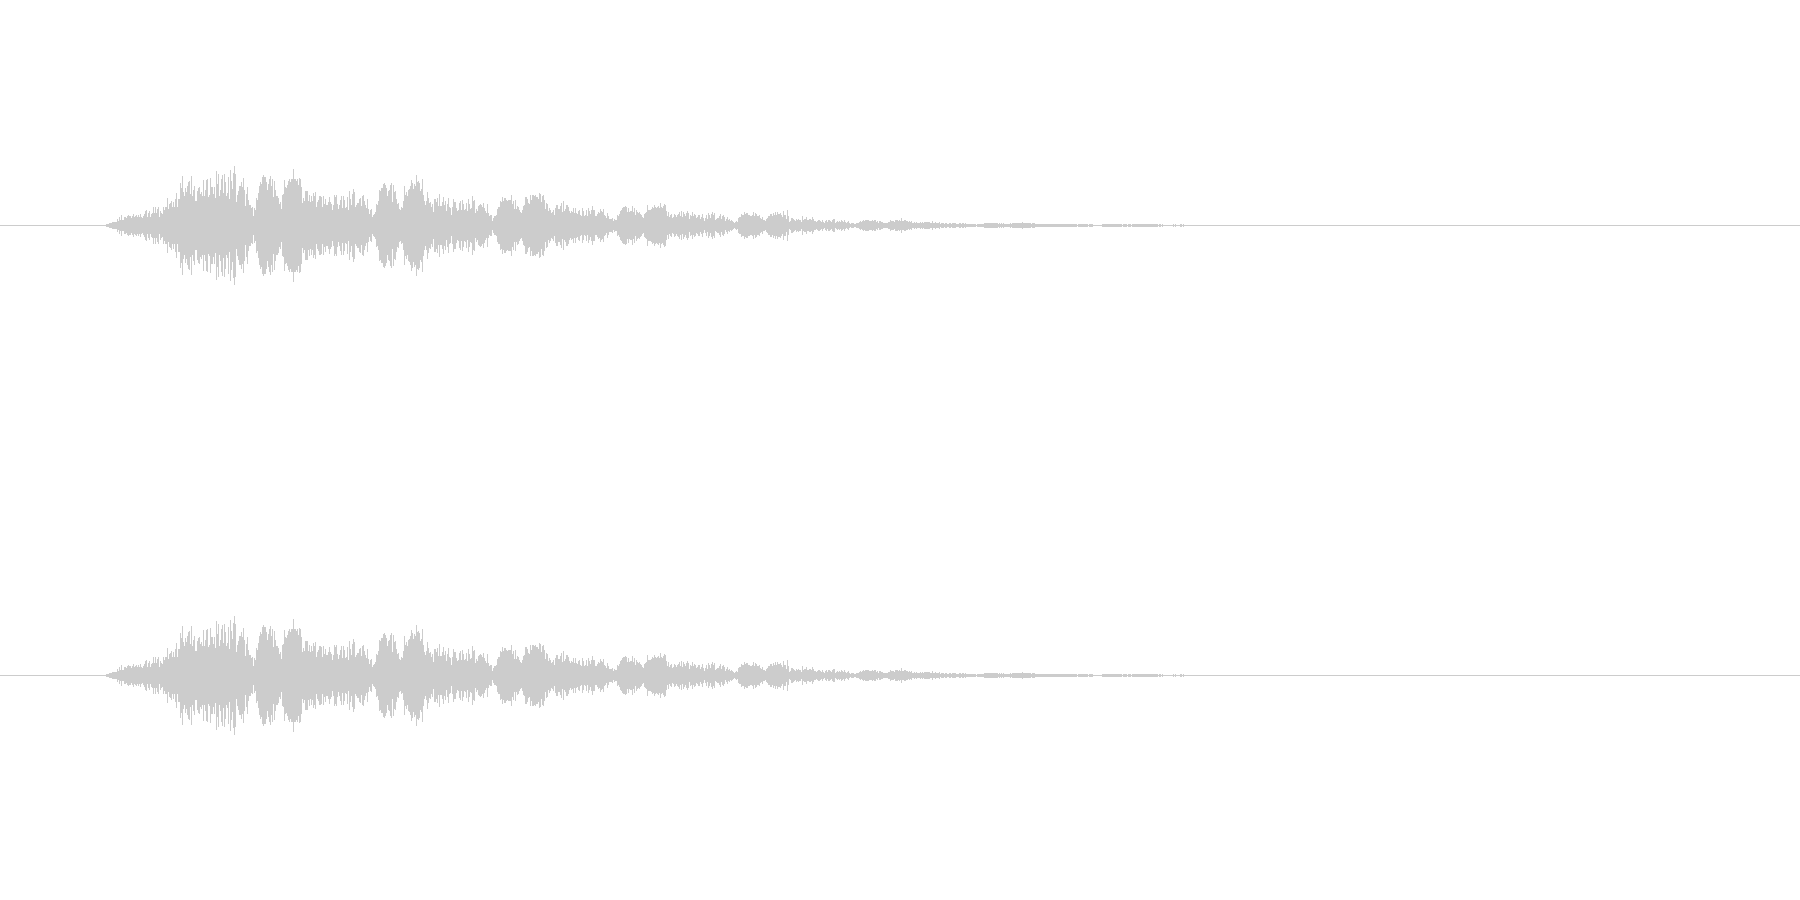 【ポップモーション40-3】の未再生の波形